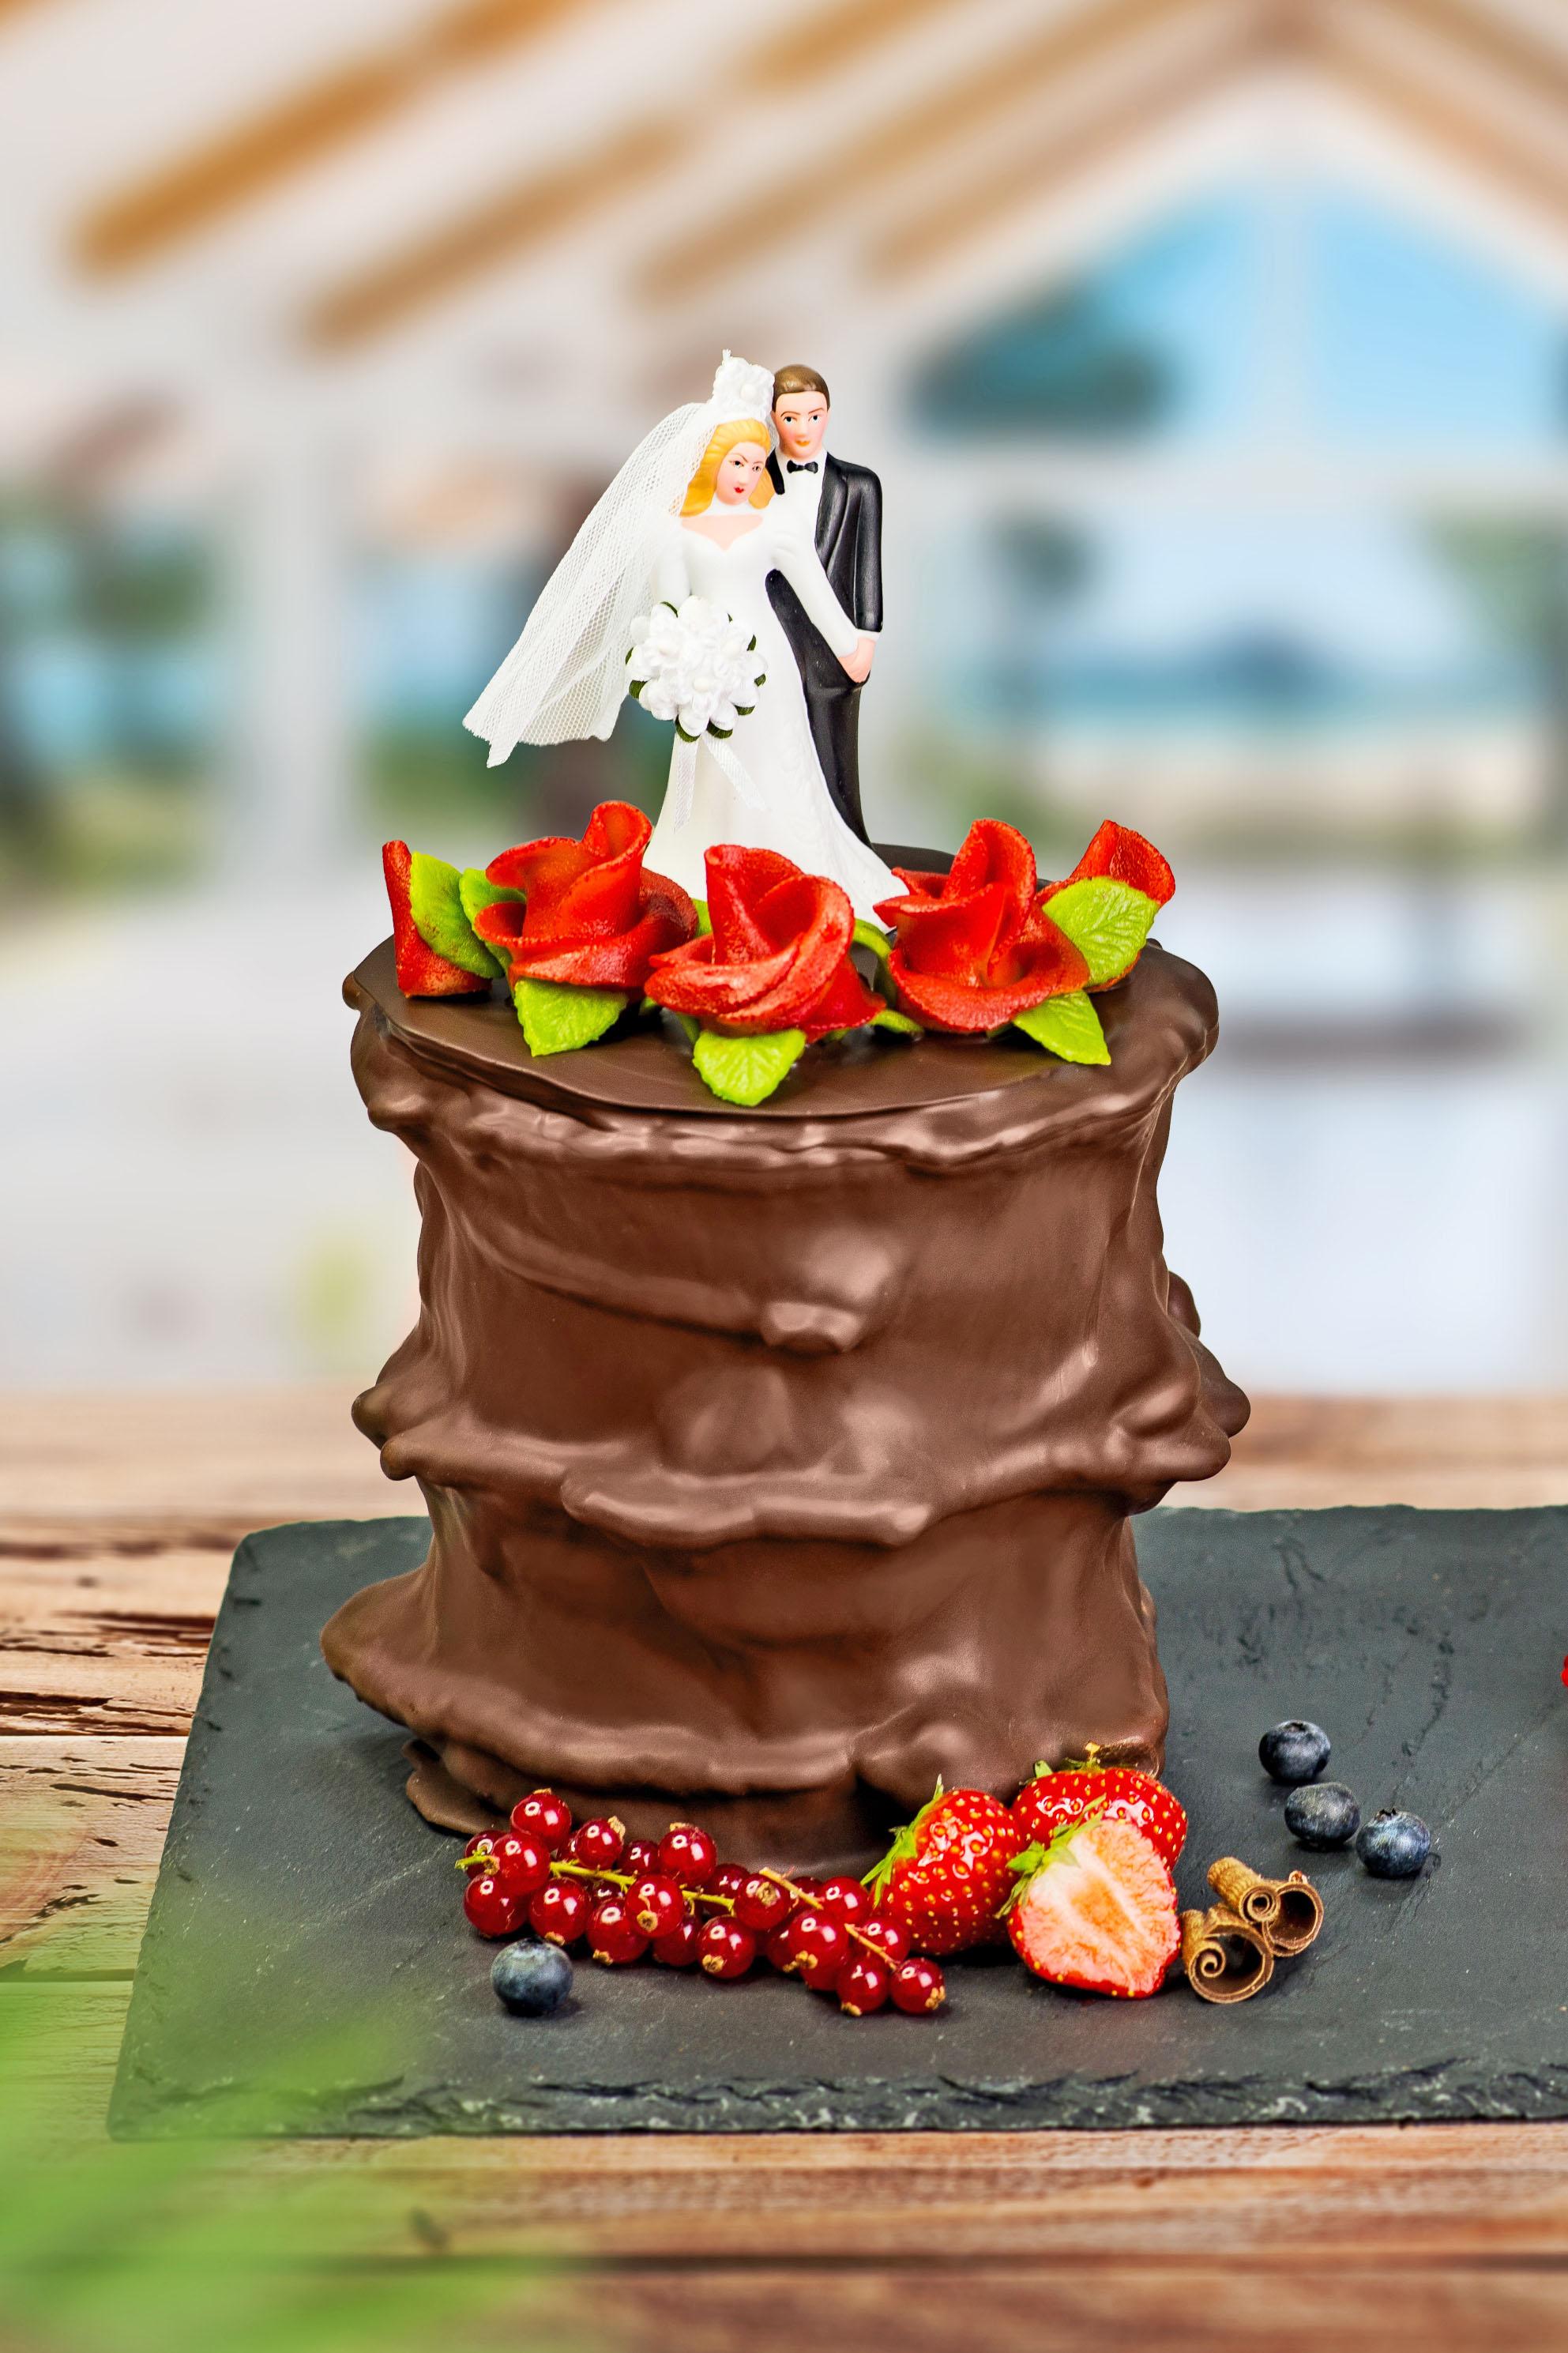 Baumkuchen sind auch eine schöne Alternative zur Hochzeitstorte.